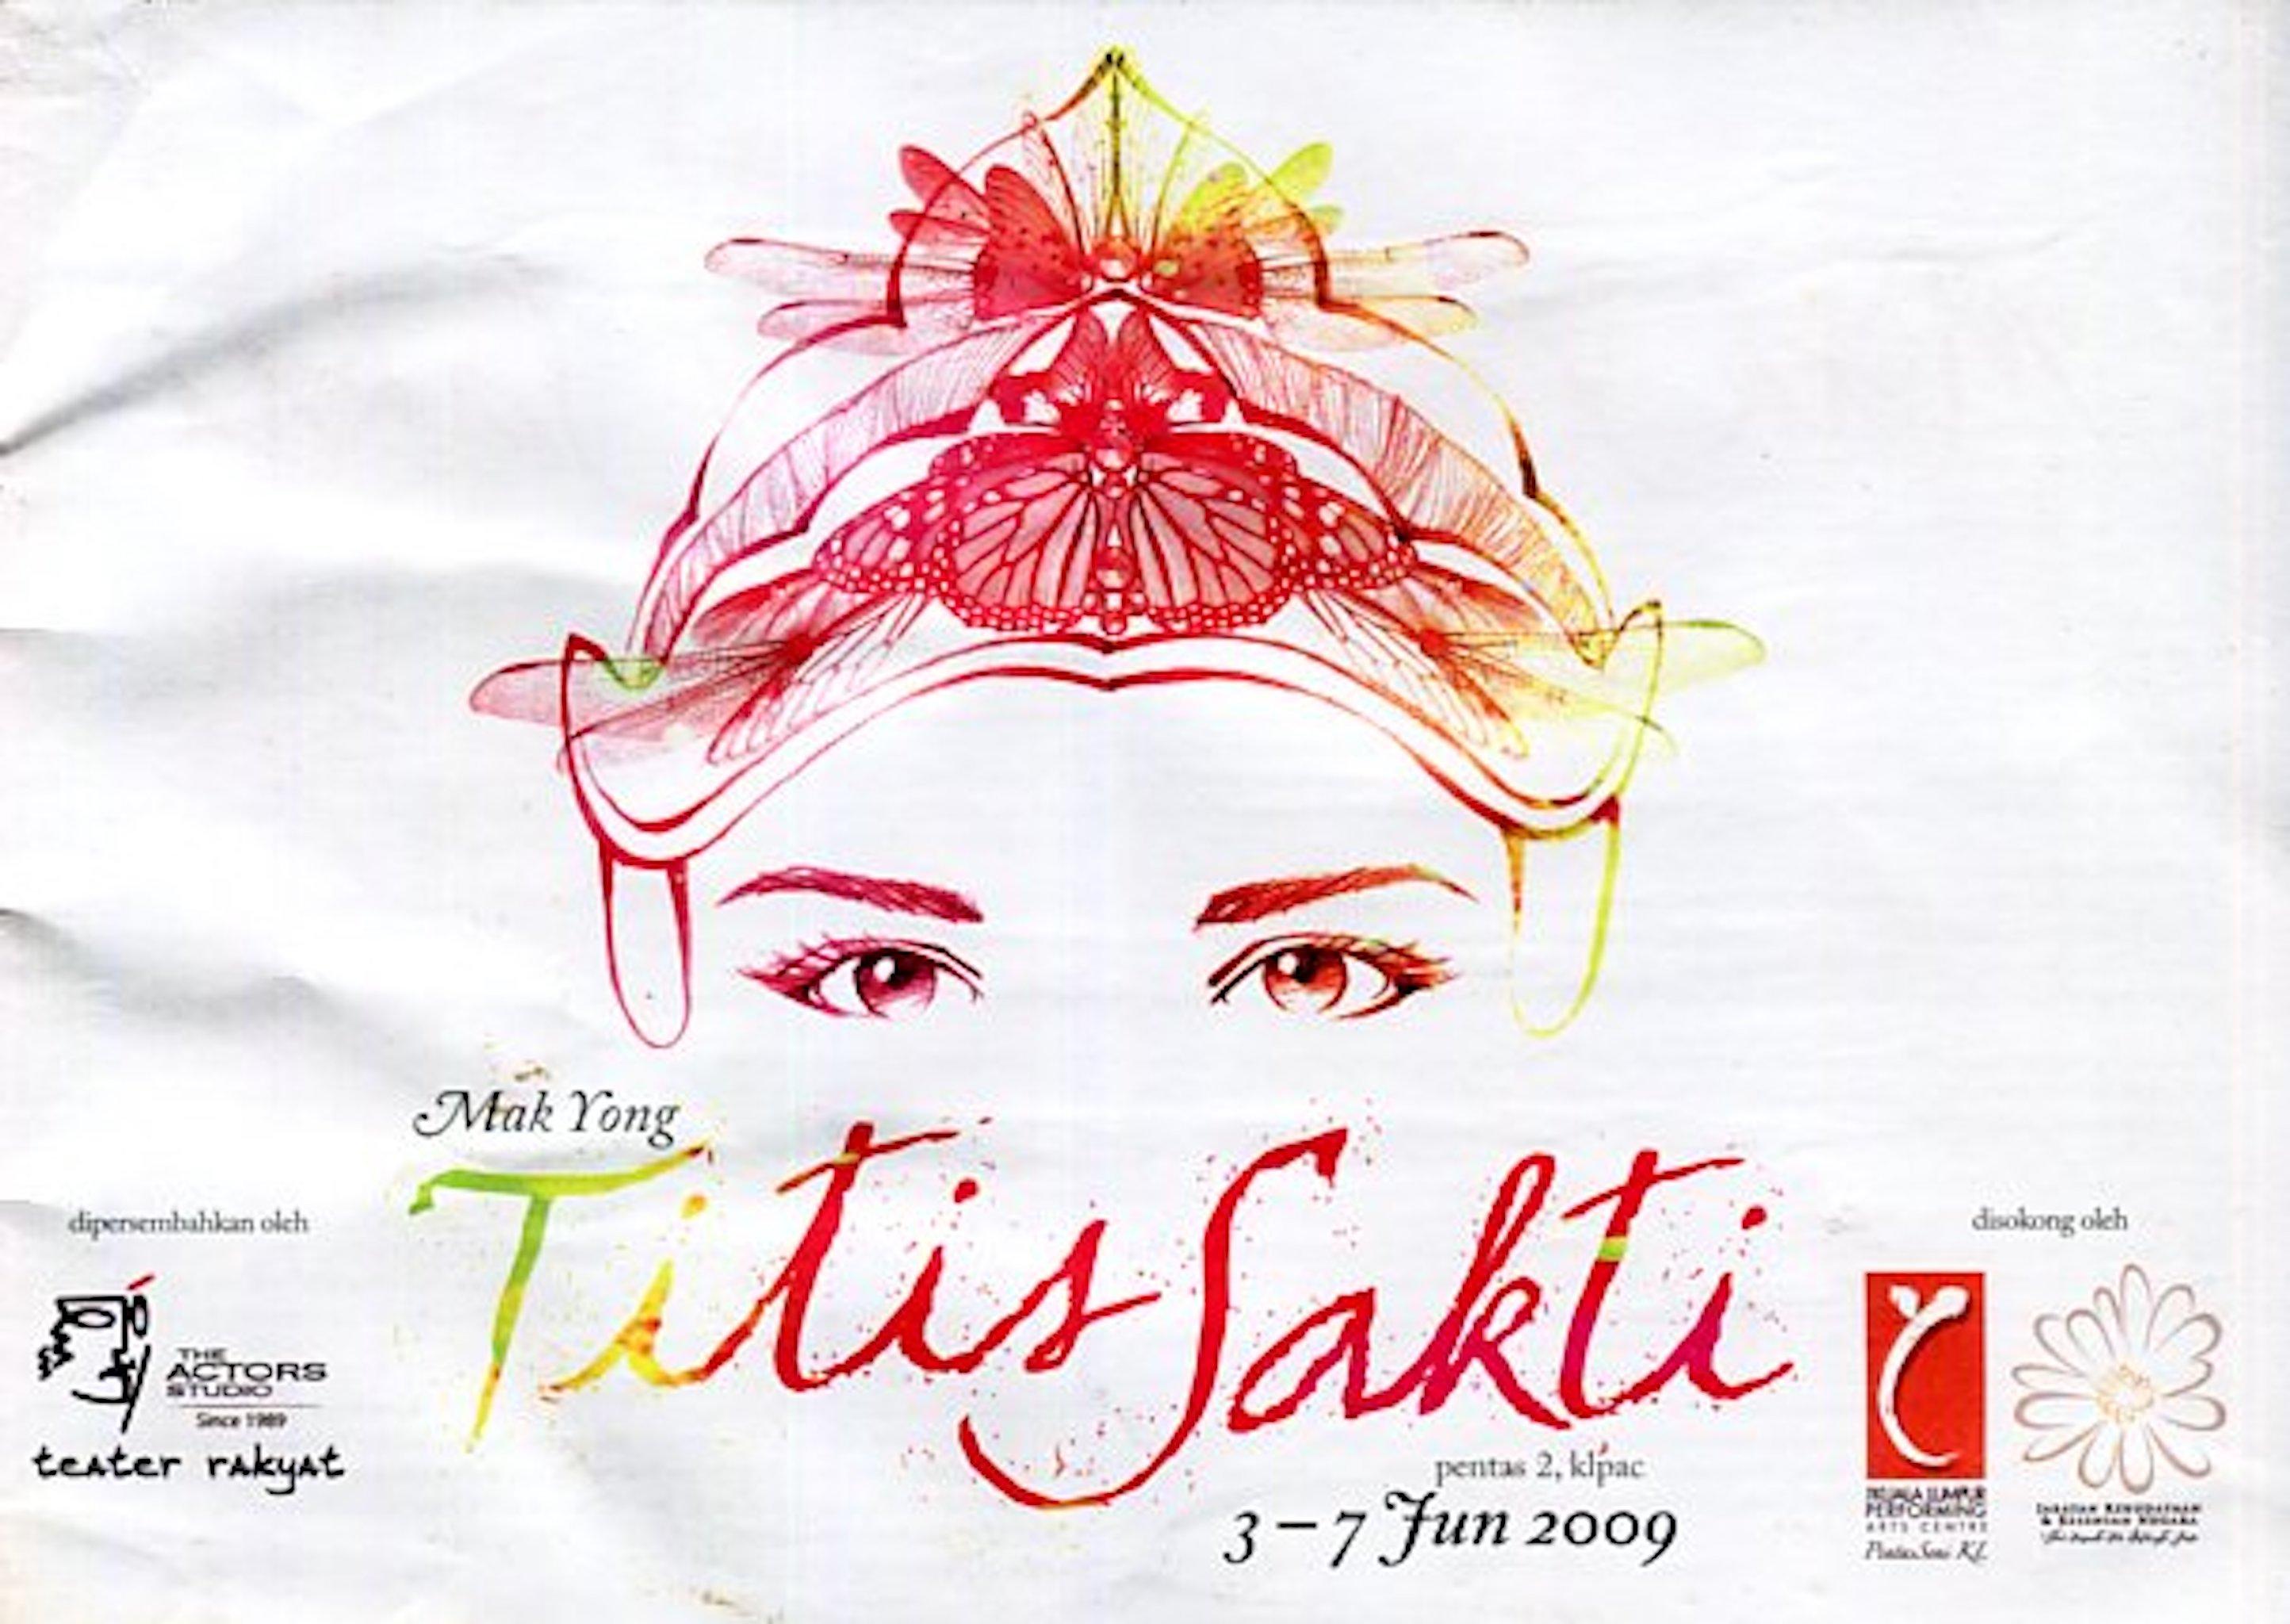 2009 Mak Yong Titis Sakti cover